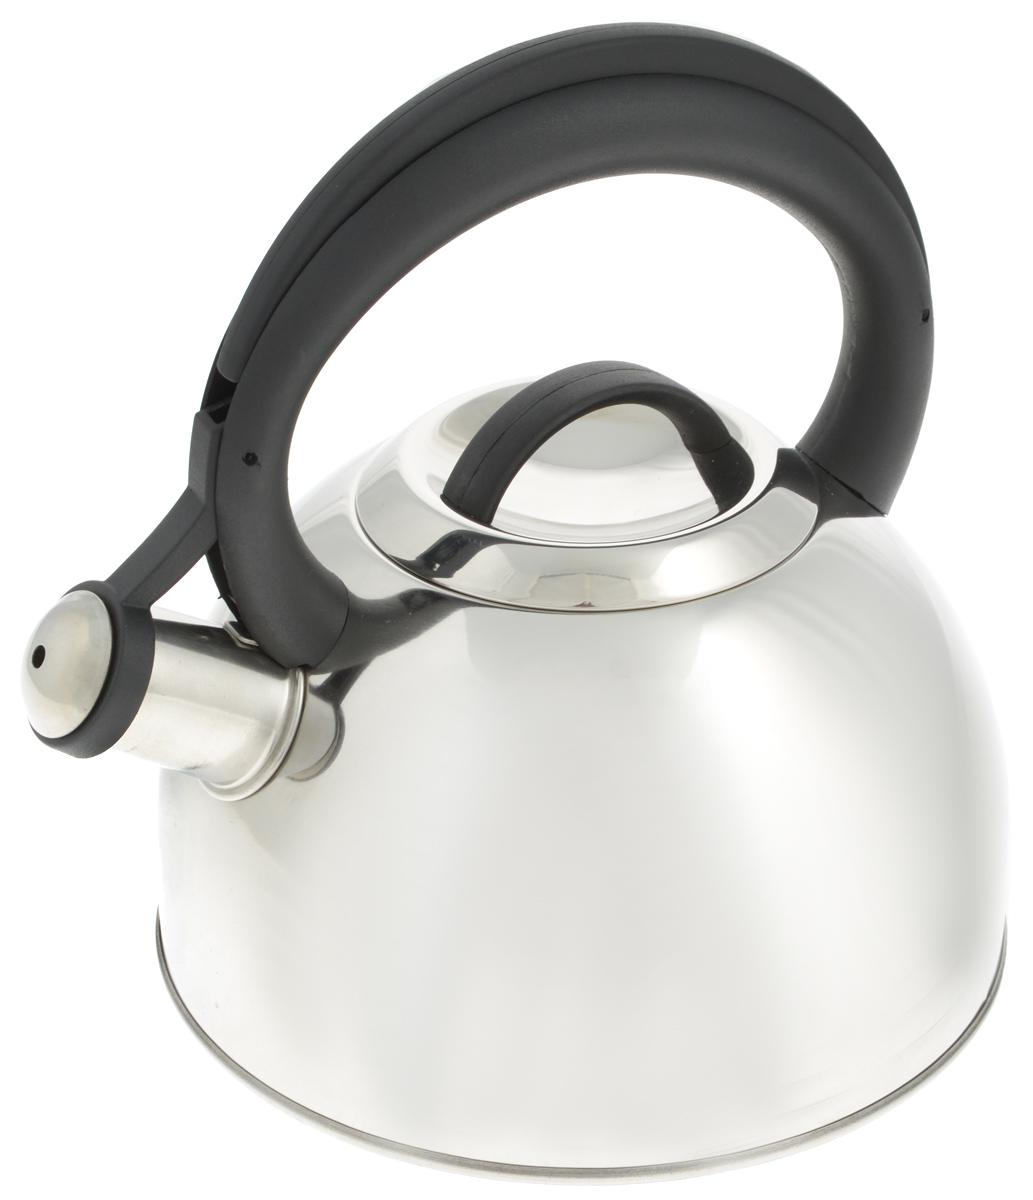 Чайник Tescoma Corona, со свистком, 2 л115510Чайник Tescoma Corona изготовлен из высококачественной нержавеющей стали с многослойным дном. Нержавеющая сталь обладает высокой устойчивостью к коррозии, не вступает в реакцию с холодными и горячими продуктами и полностью сохраняет их вкусовые качества. Особая конструкция дна способствует высокой теплопроводности и равномерному распределению тепла. Чайник оснащен жаропрочной пластиковой ручкой. Носик чайника имеет откидной свисток, звуковой сигнал которого подскажет, когда закипит вода. Подходит для всех типов плит, включая индукционные. Диаметр чайника (по верхнему краю): 10 см.Высота чайника (без учета ручки и крышки): 11,5 см.Высота чайника (с учетом ручки): 23 см.